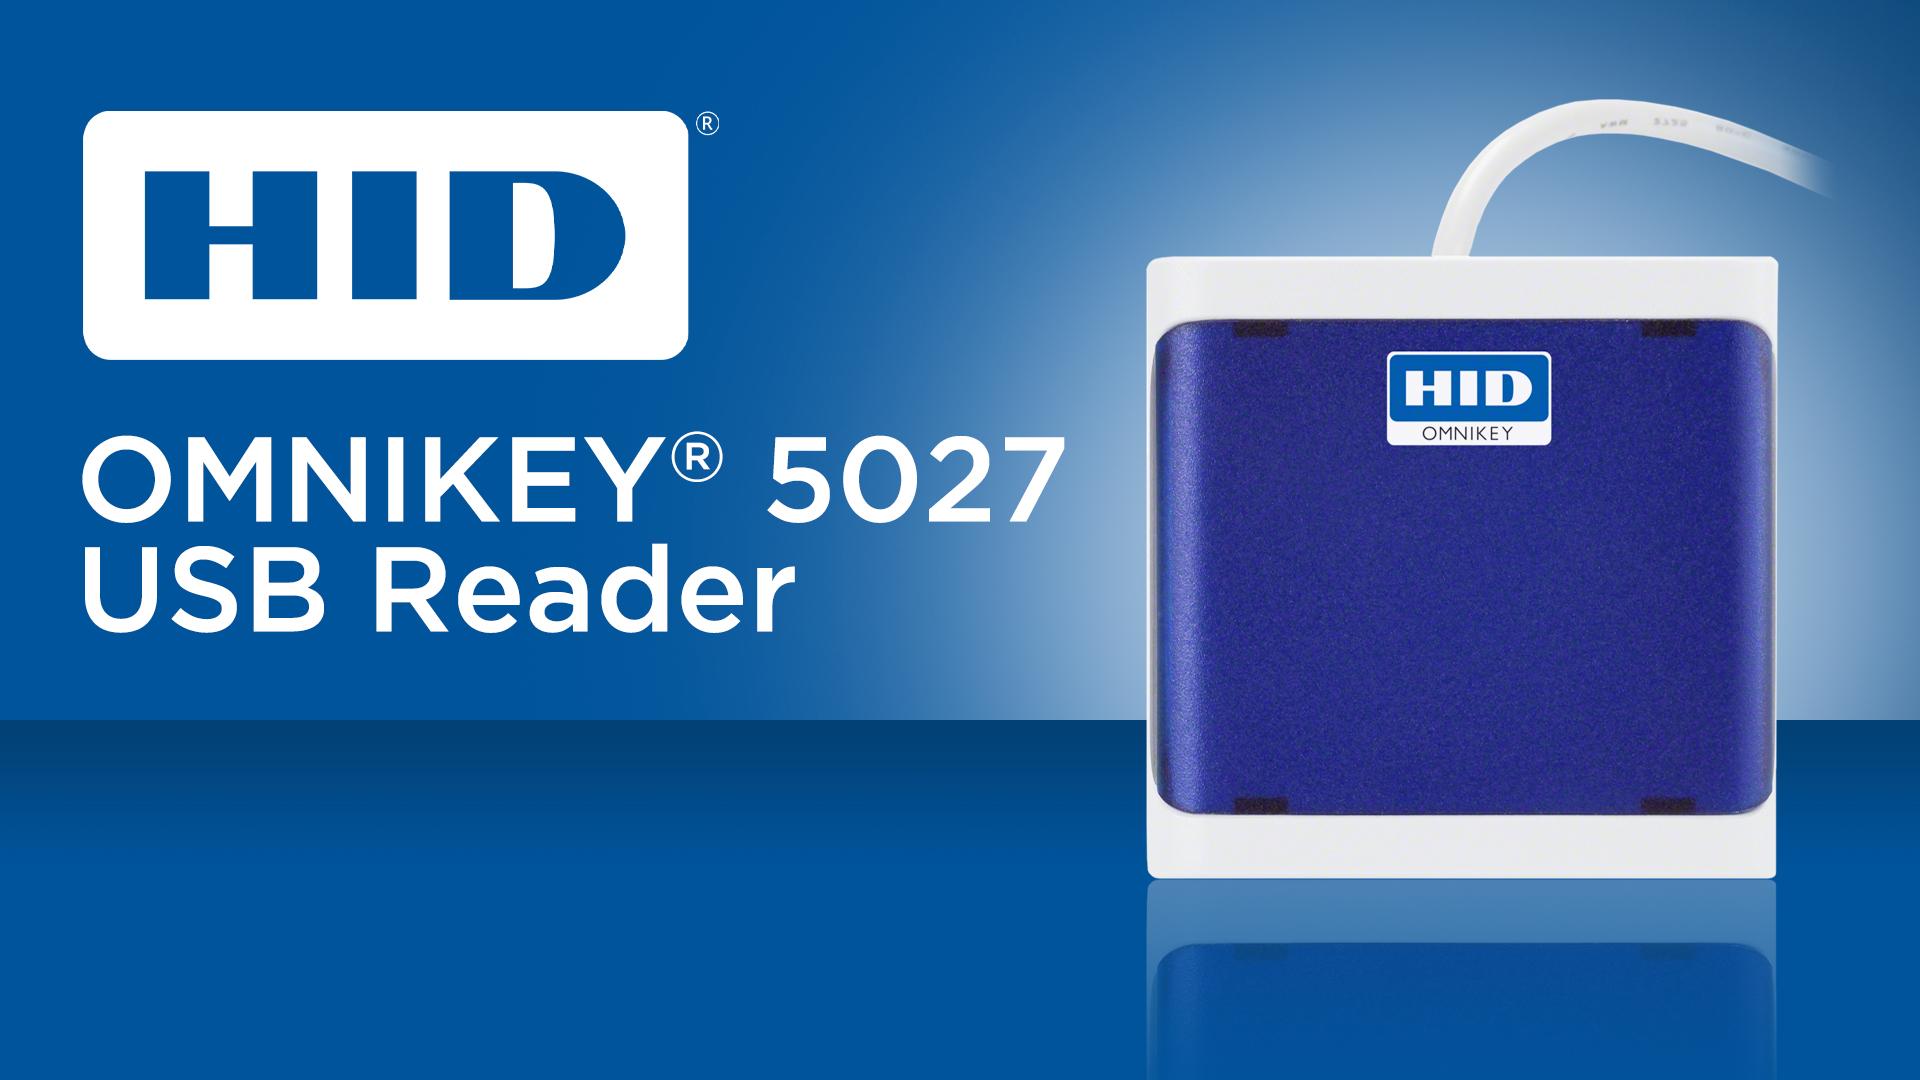 HID Omnikey 5027 USB Reader